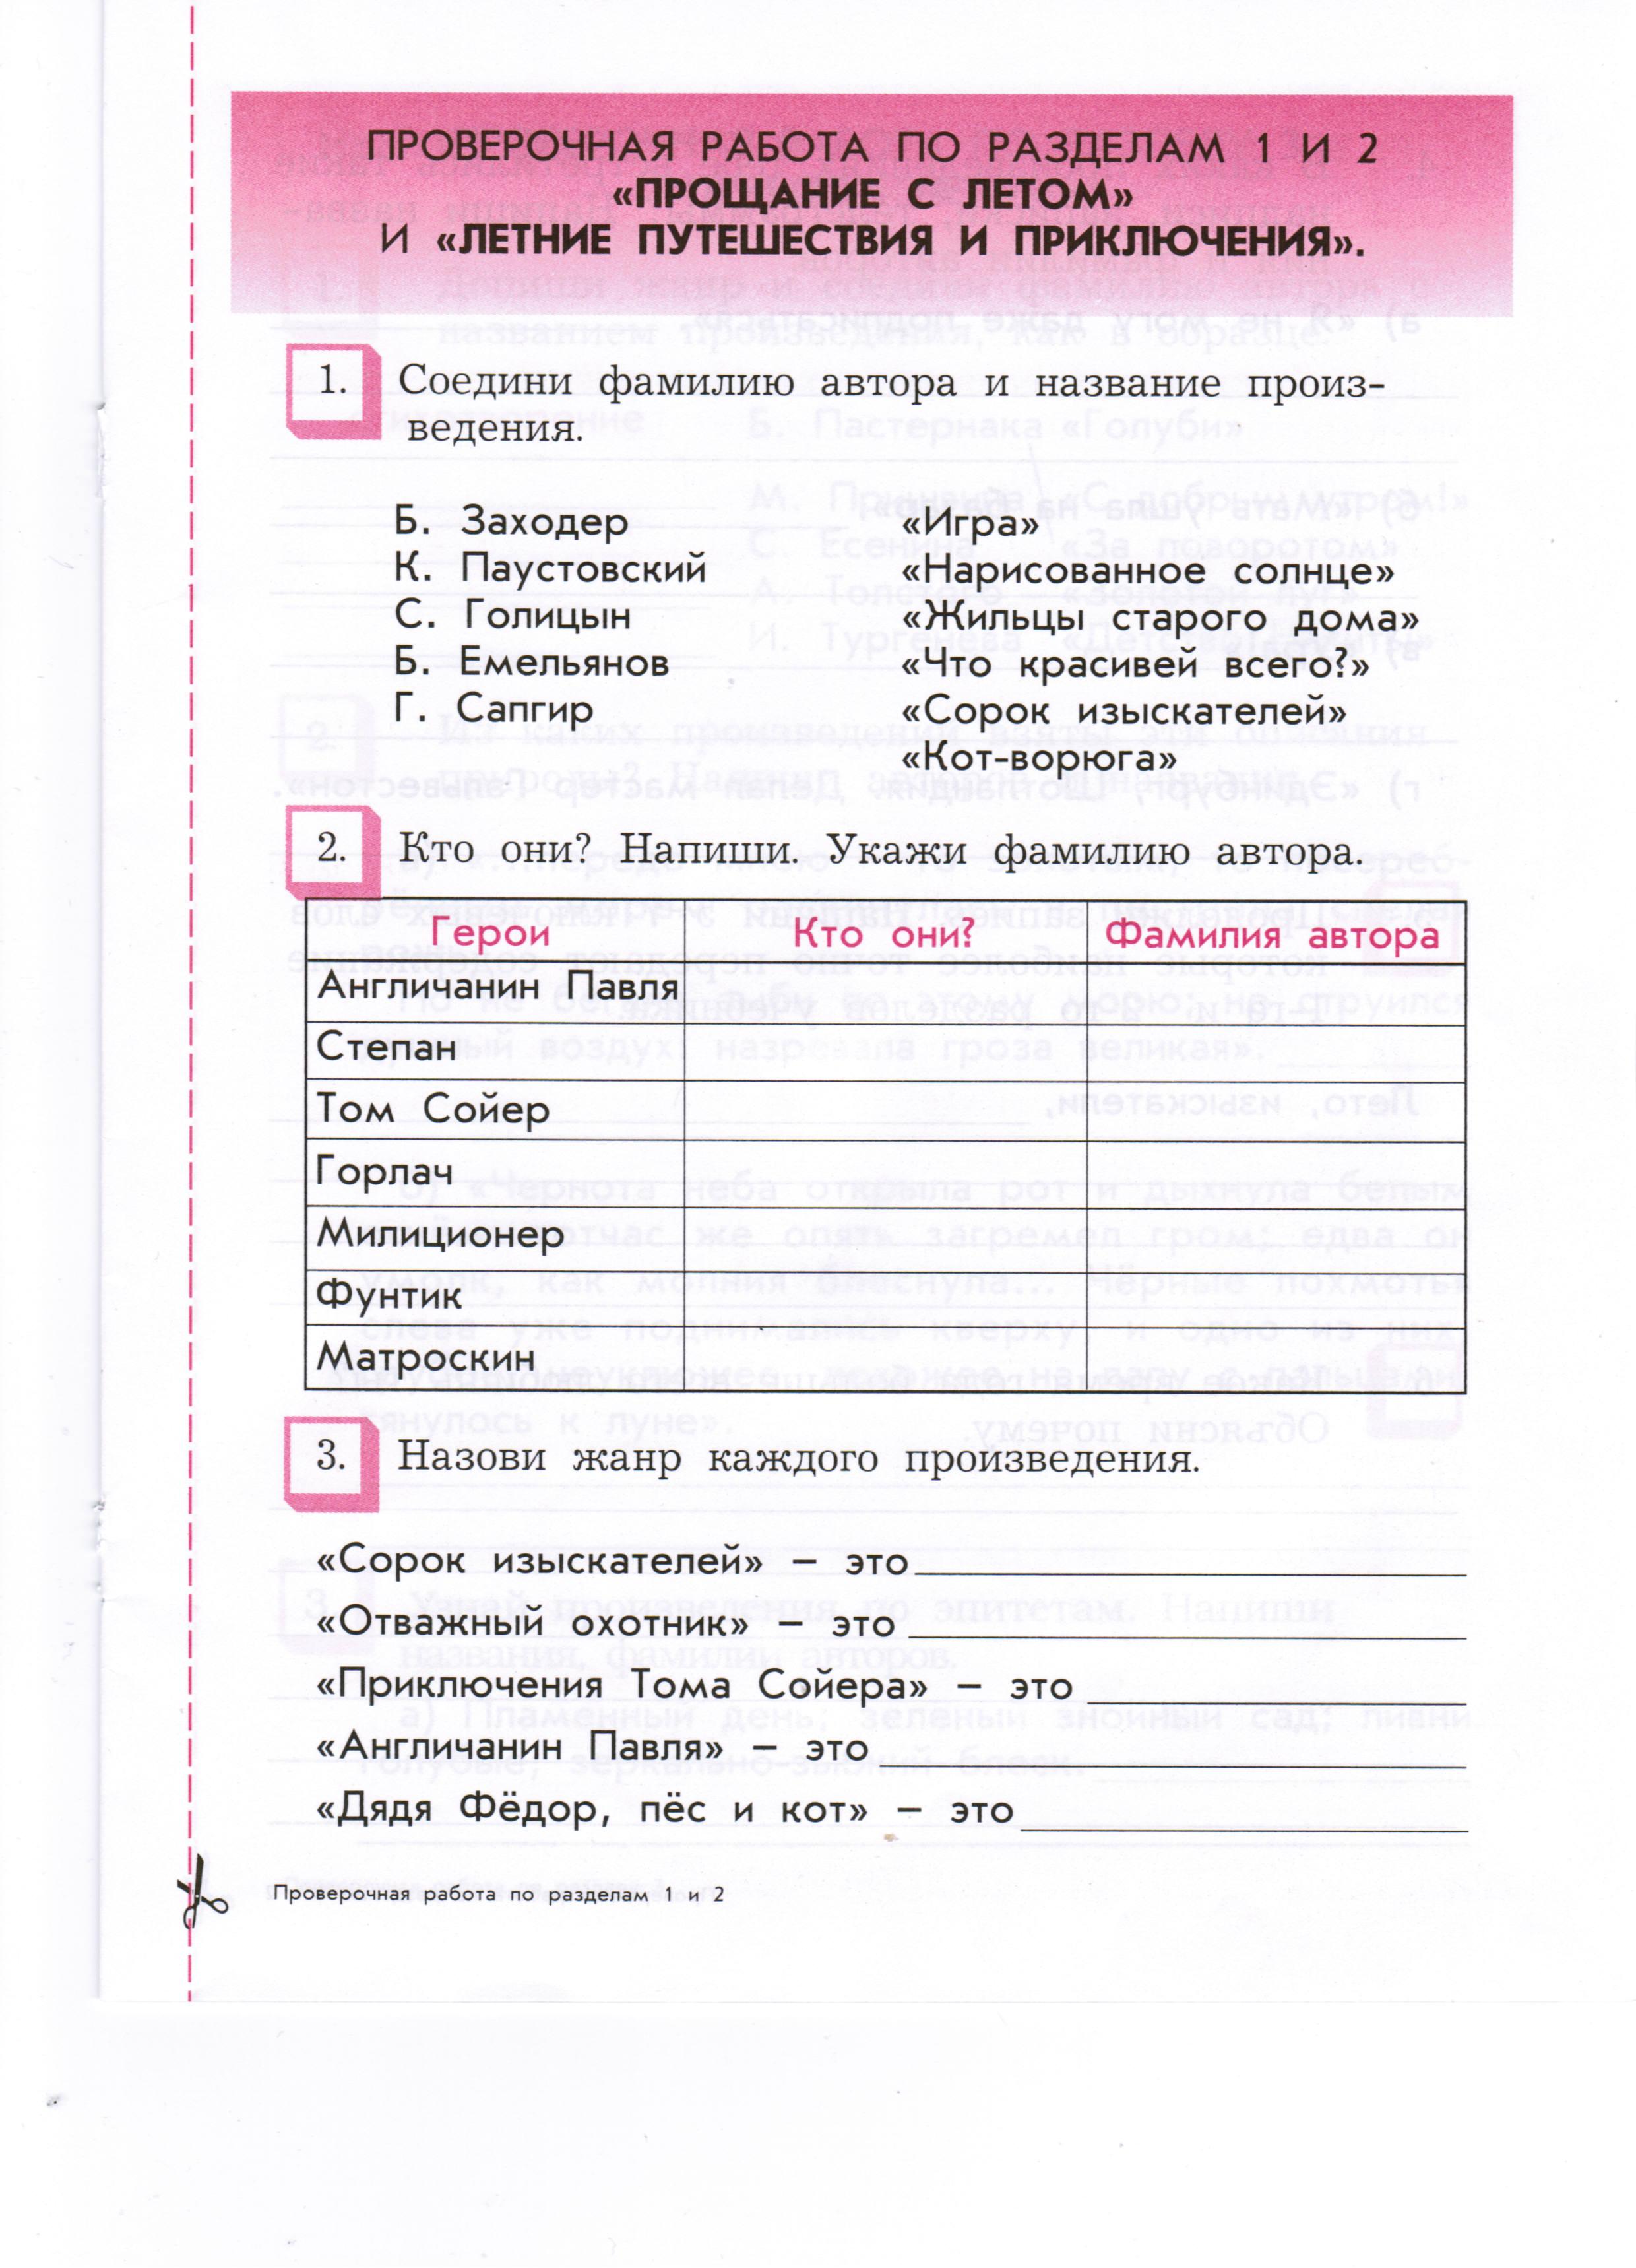 ГДЗ Решебник Русский язык 3 класс РН Бунеева